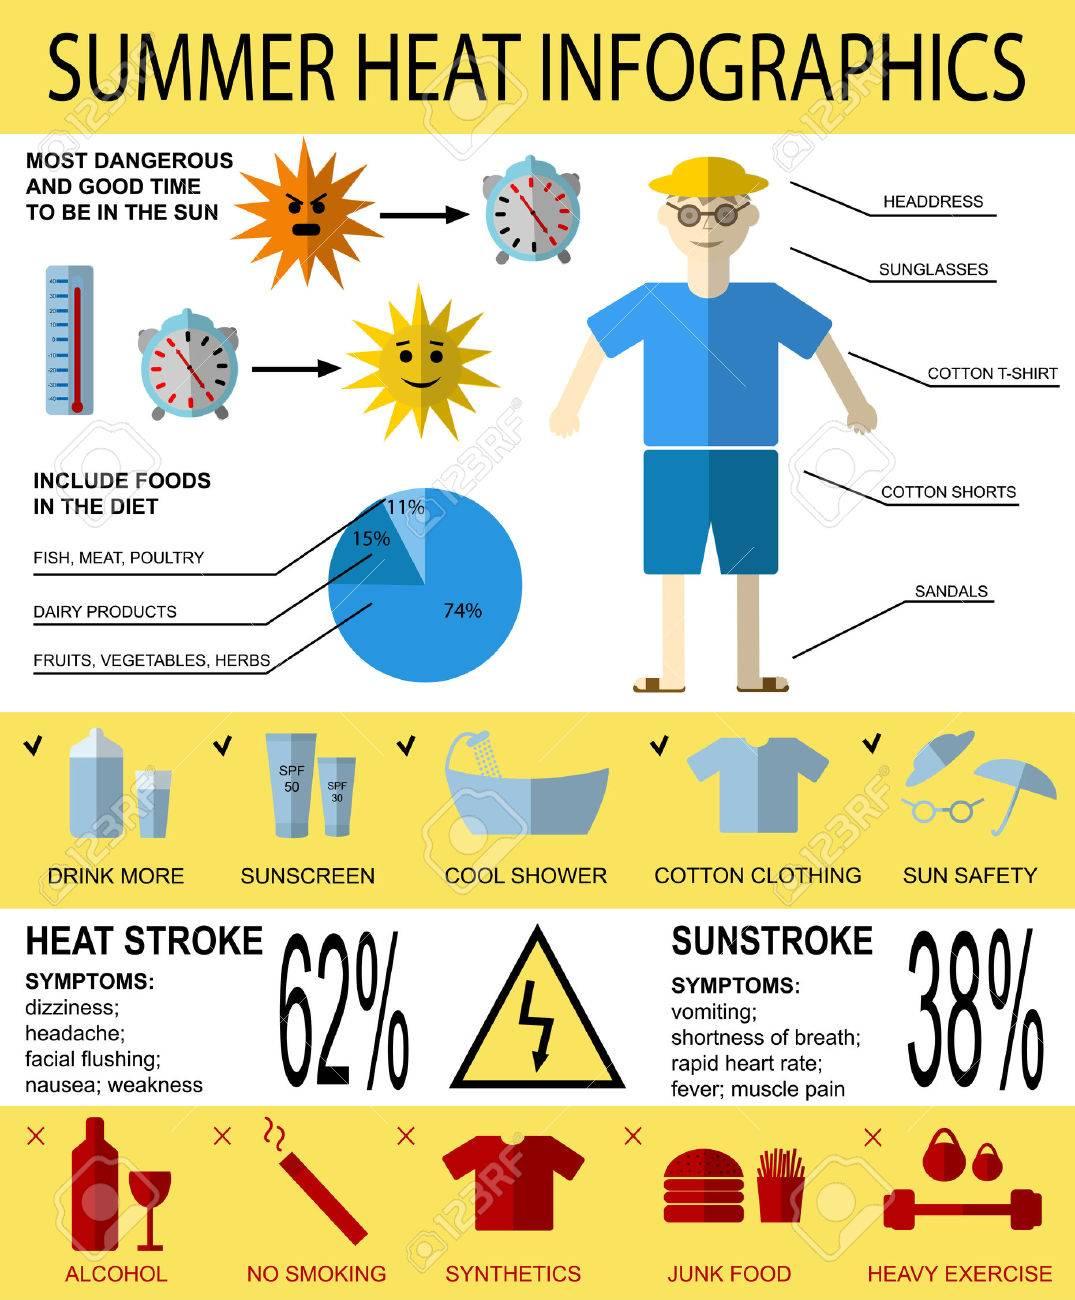 Vecteur soins de santé infographies environ un coup de chaleur de l'été,  les symptômes et la prévention.